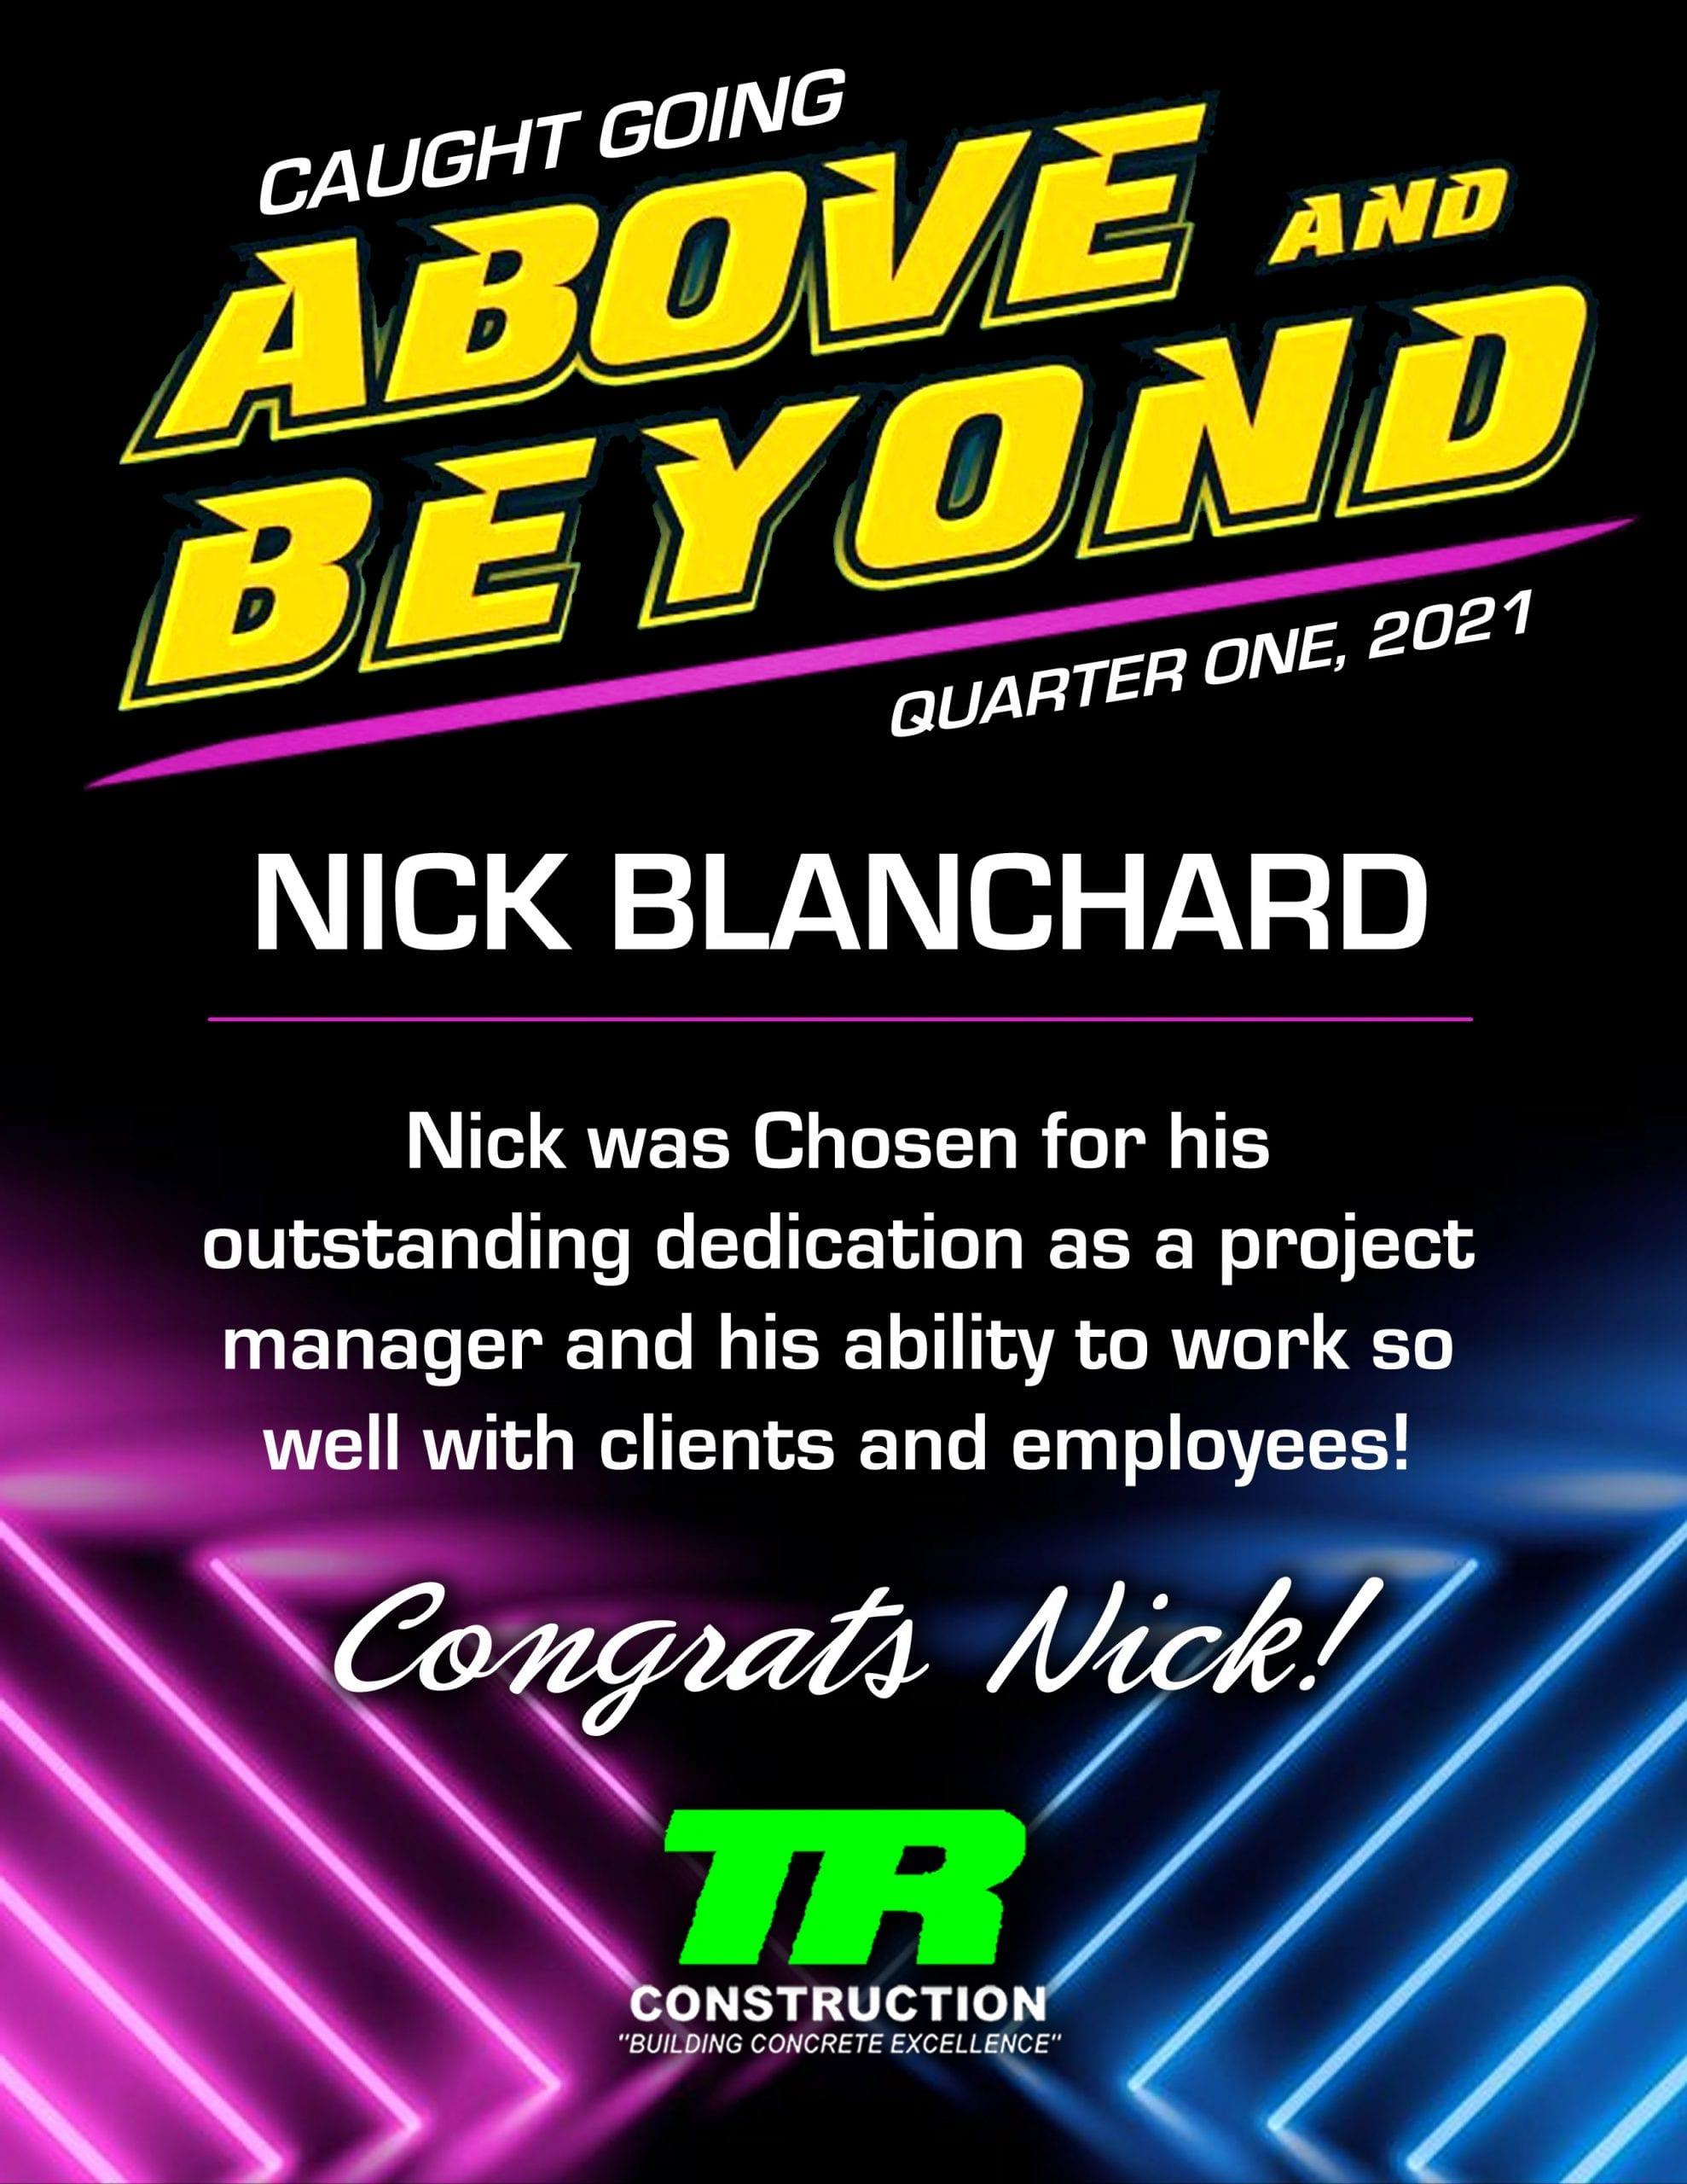 Nick Blanchard